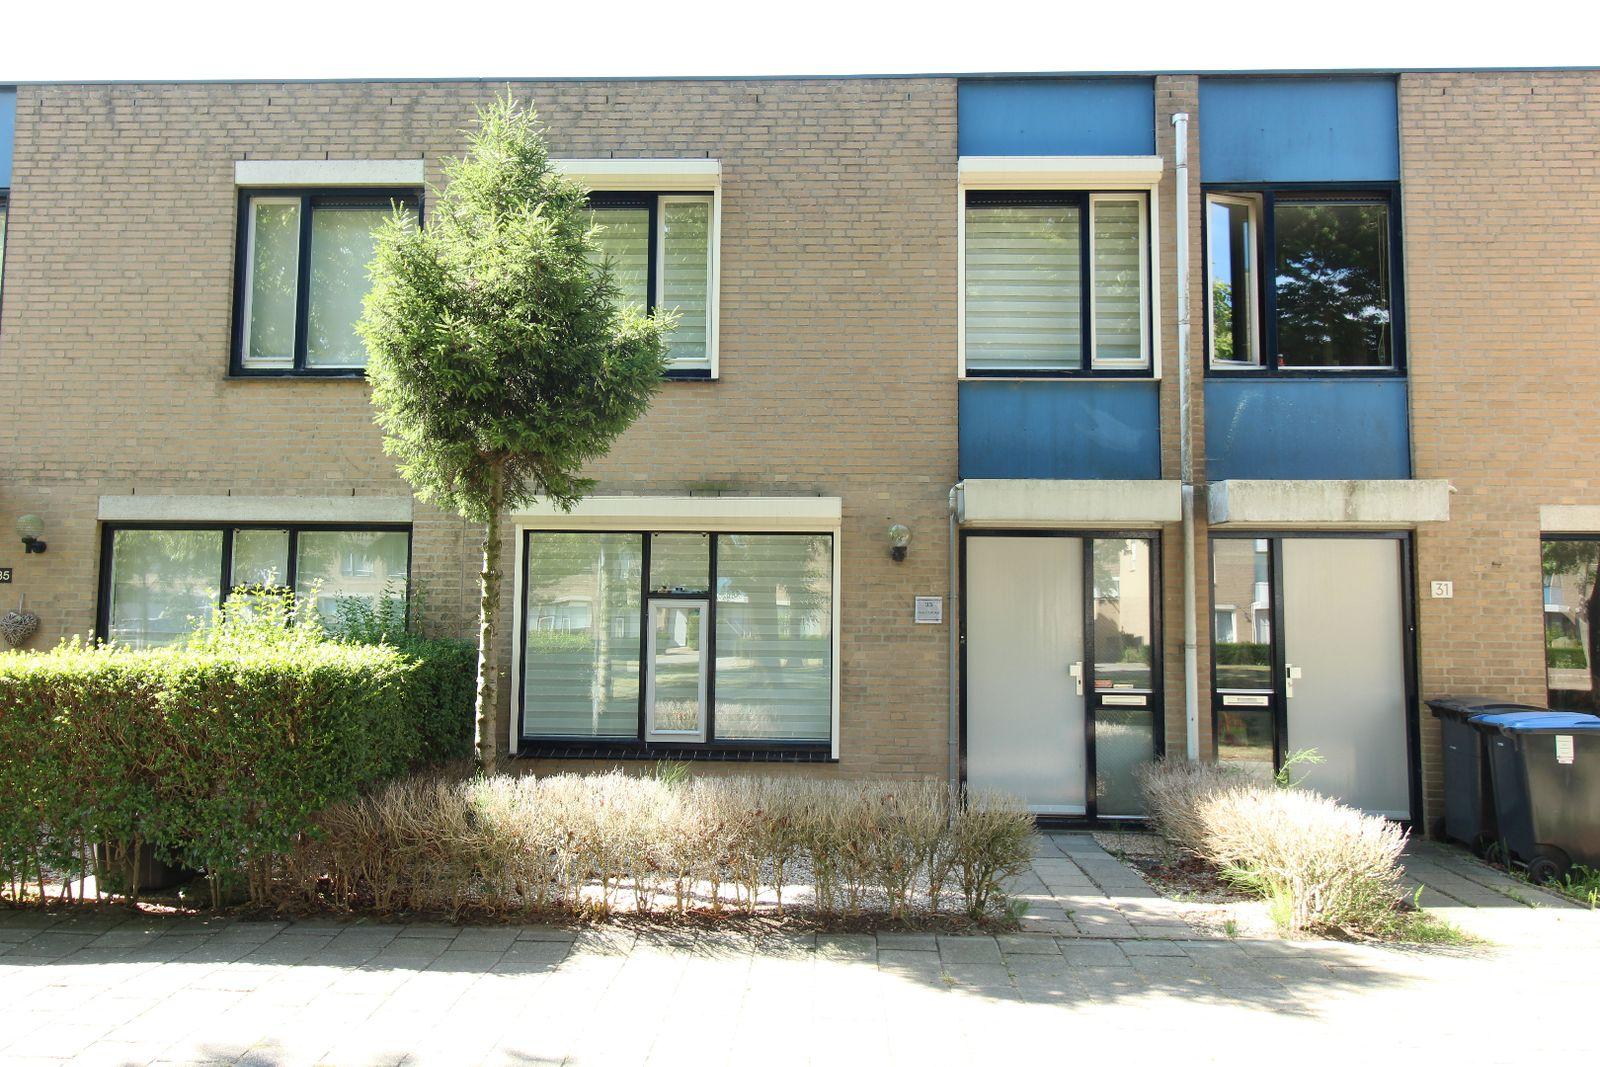 Thorbeckeplantsoen 33, 's-Hertogenbosch